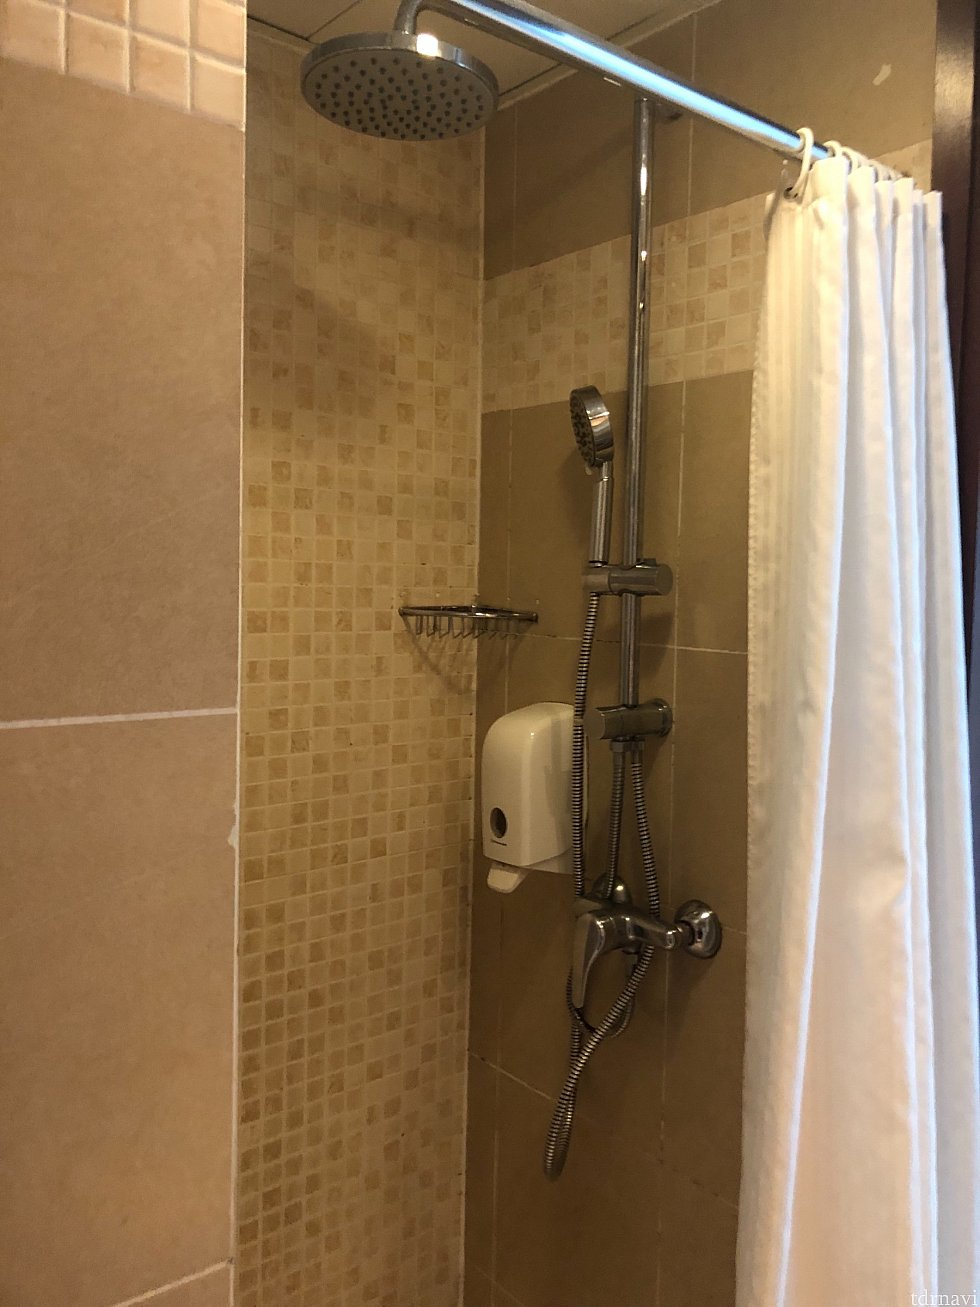 シャワーブースは小さめ。水圧は「強」で大変良かったです。絶妙な温度調節もできます。